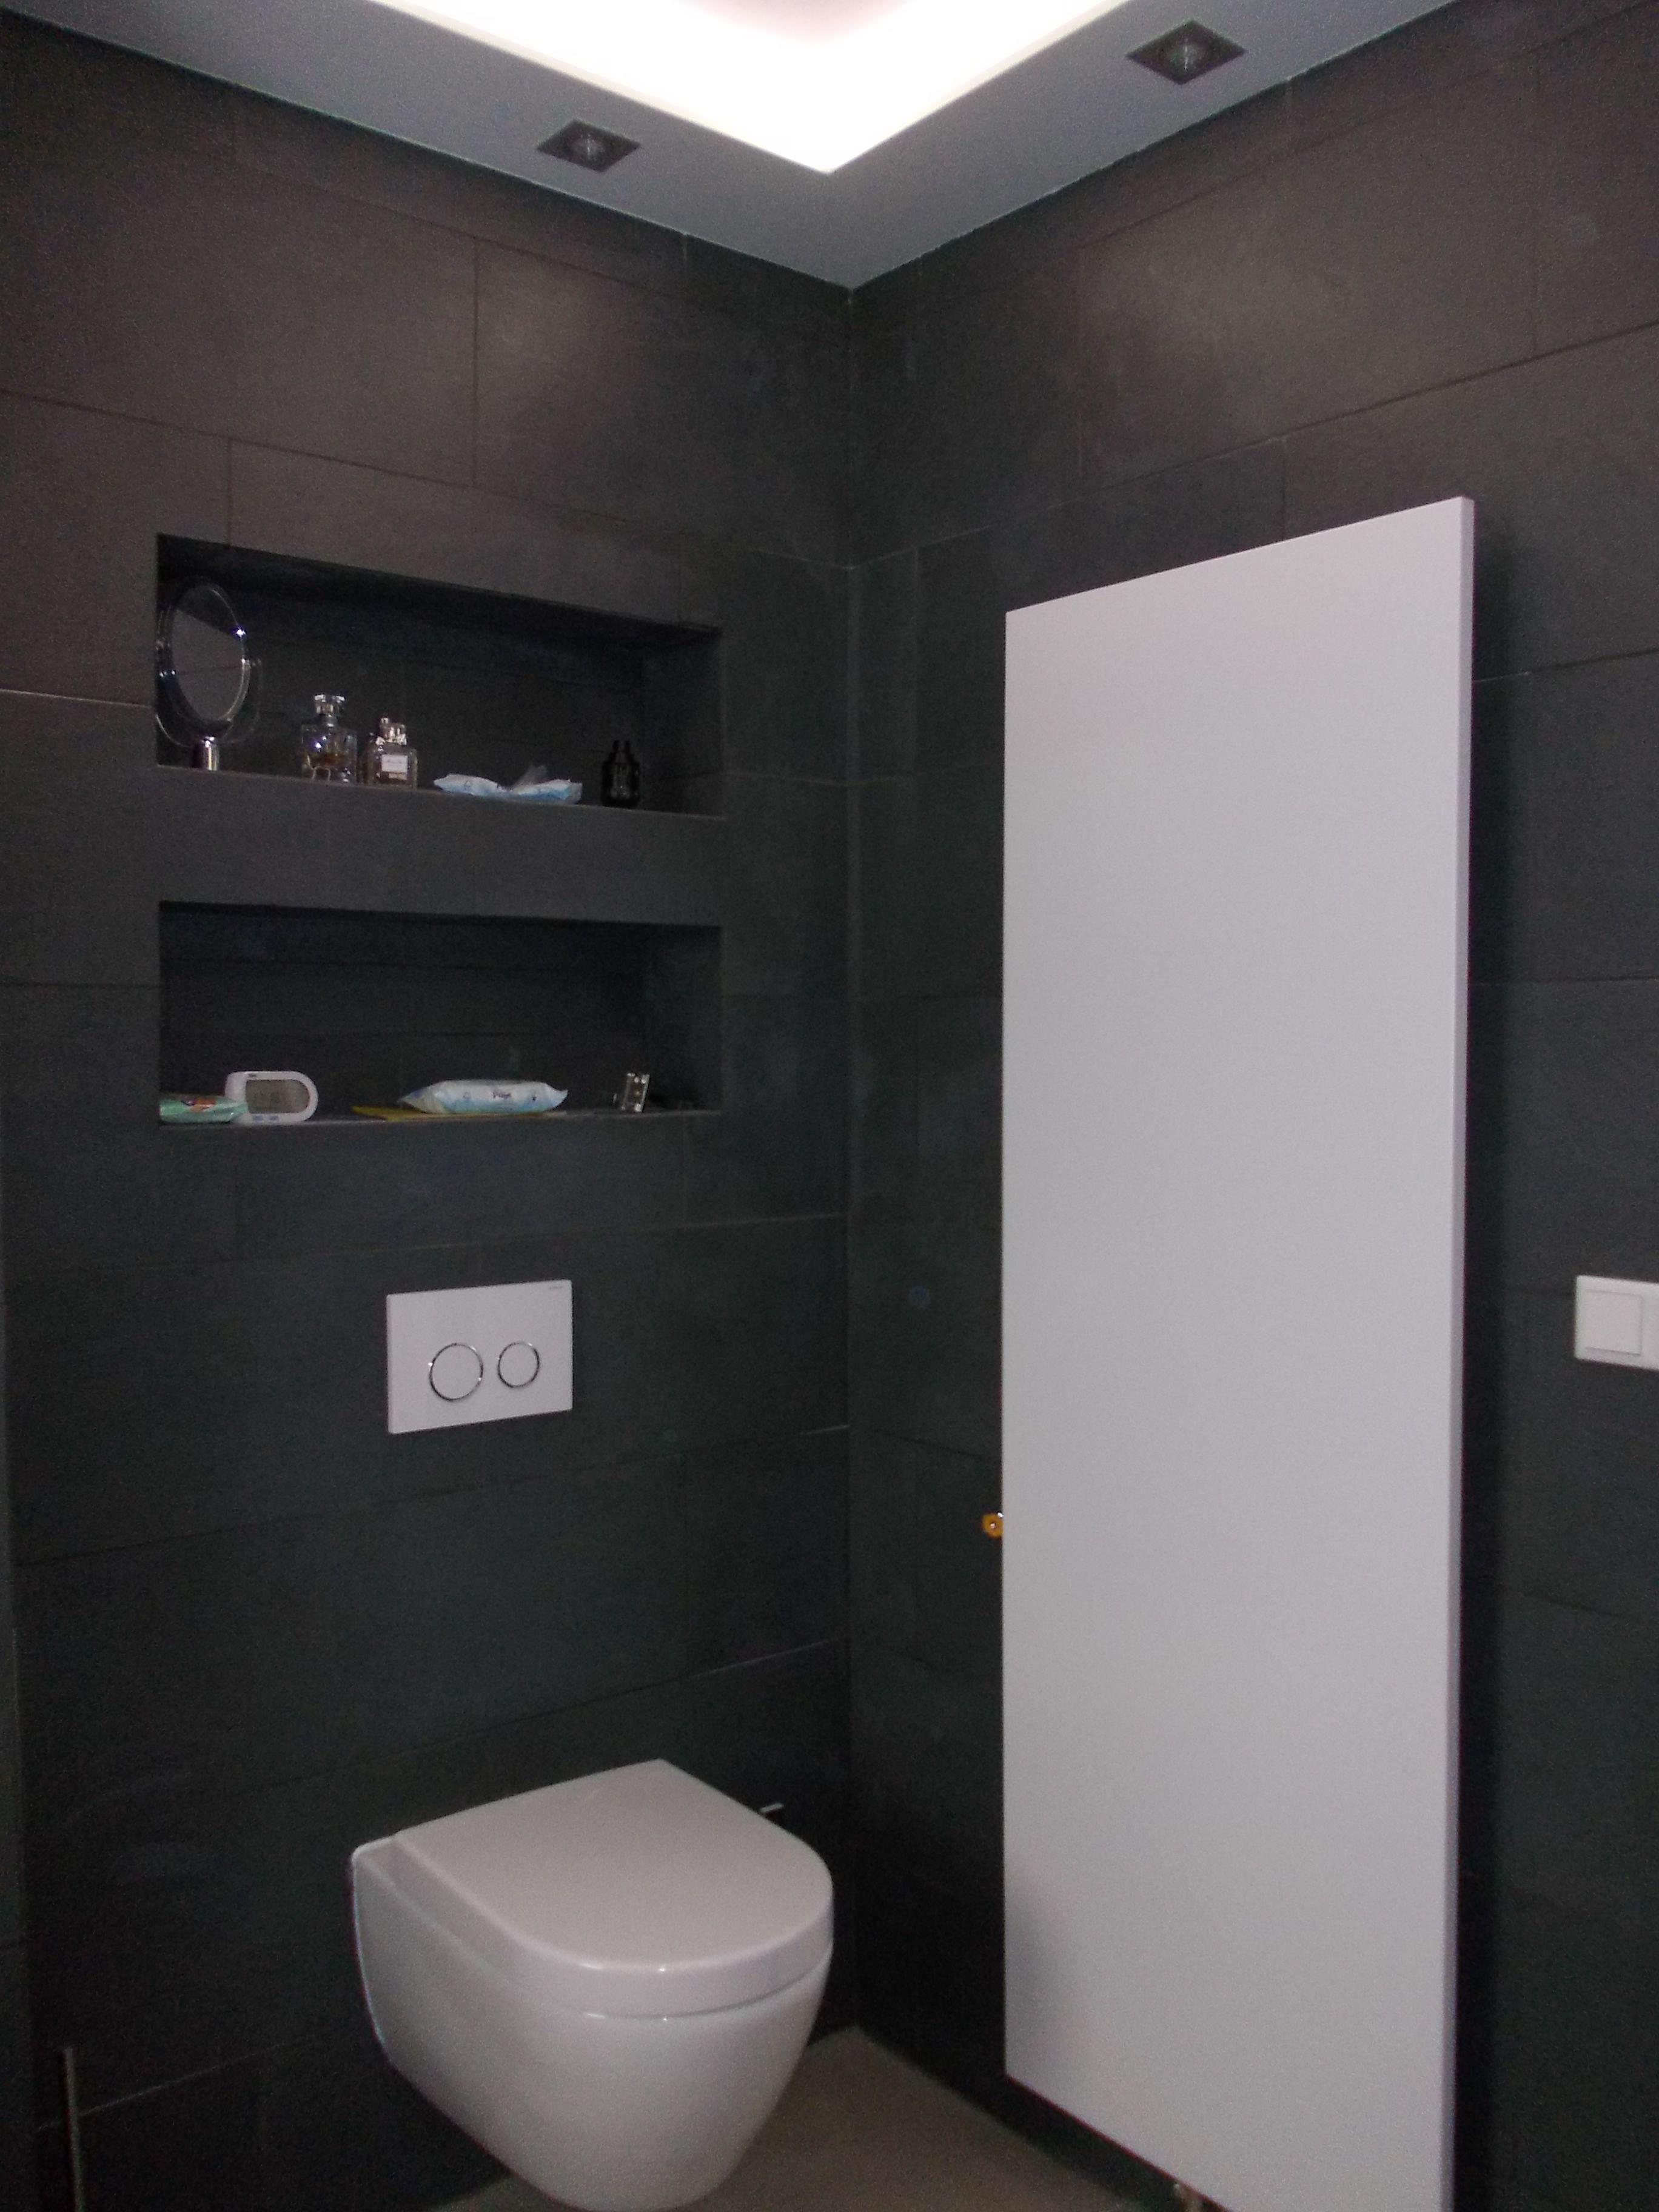 Nisjes in het toilet - Interieur blog | Pinterest - Badkamer, Wc en ...